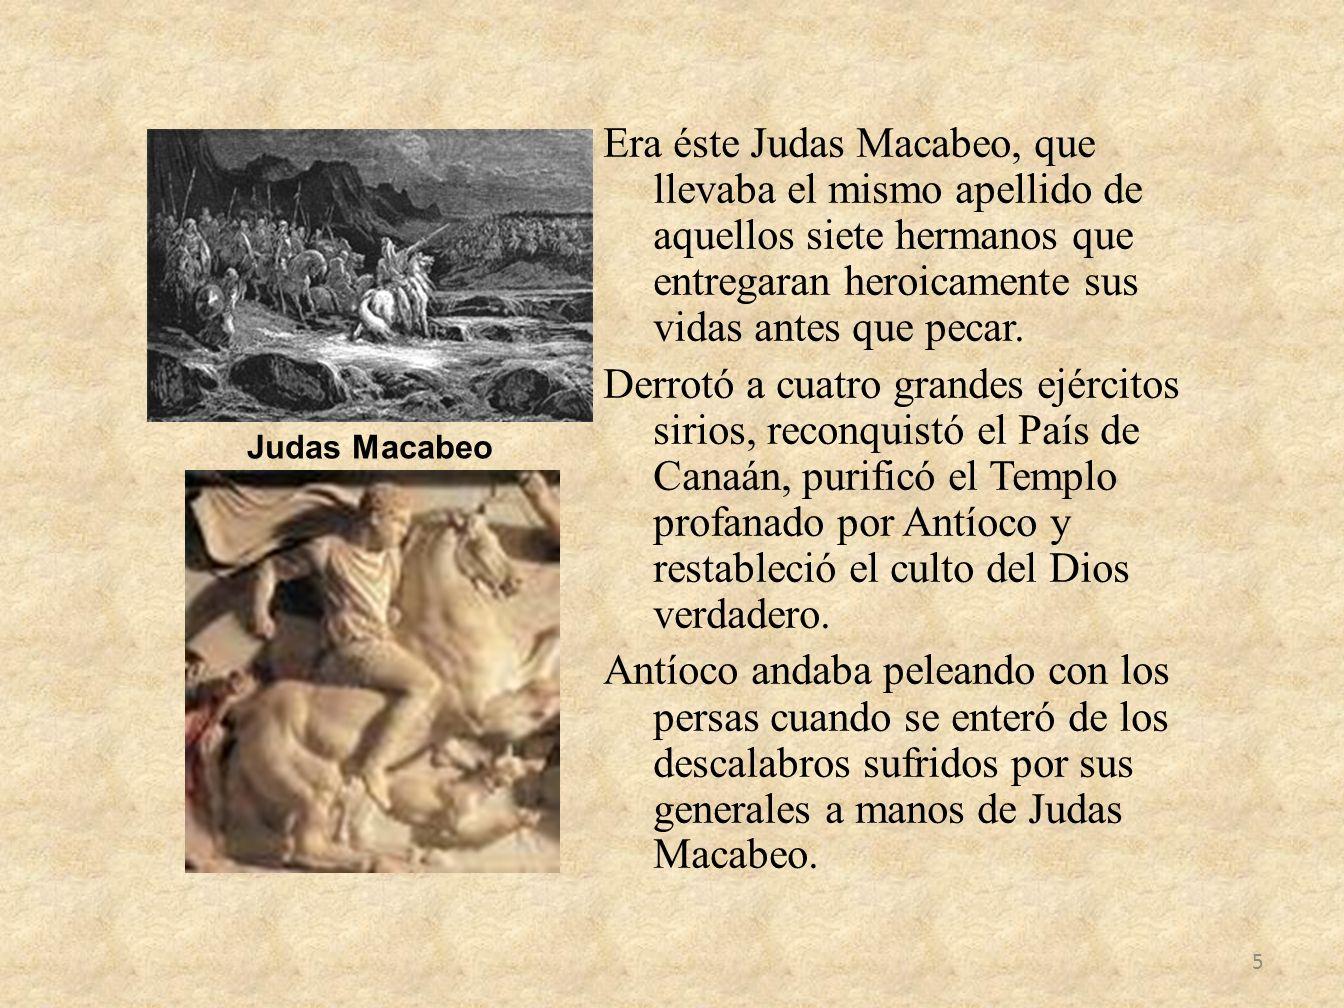 Era éste Judas Macabeo, que llevaba el mismo apellido de aquellos siete hermanos que entregaran heroicamente sus vidas antes que pecar. Derrotó a cuat